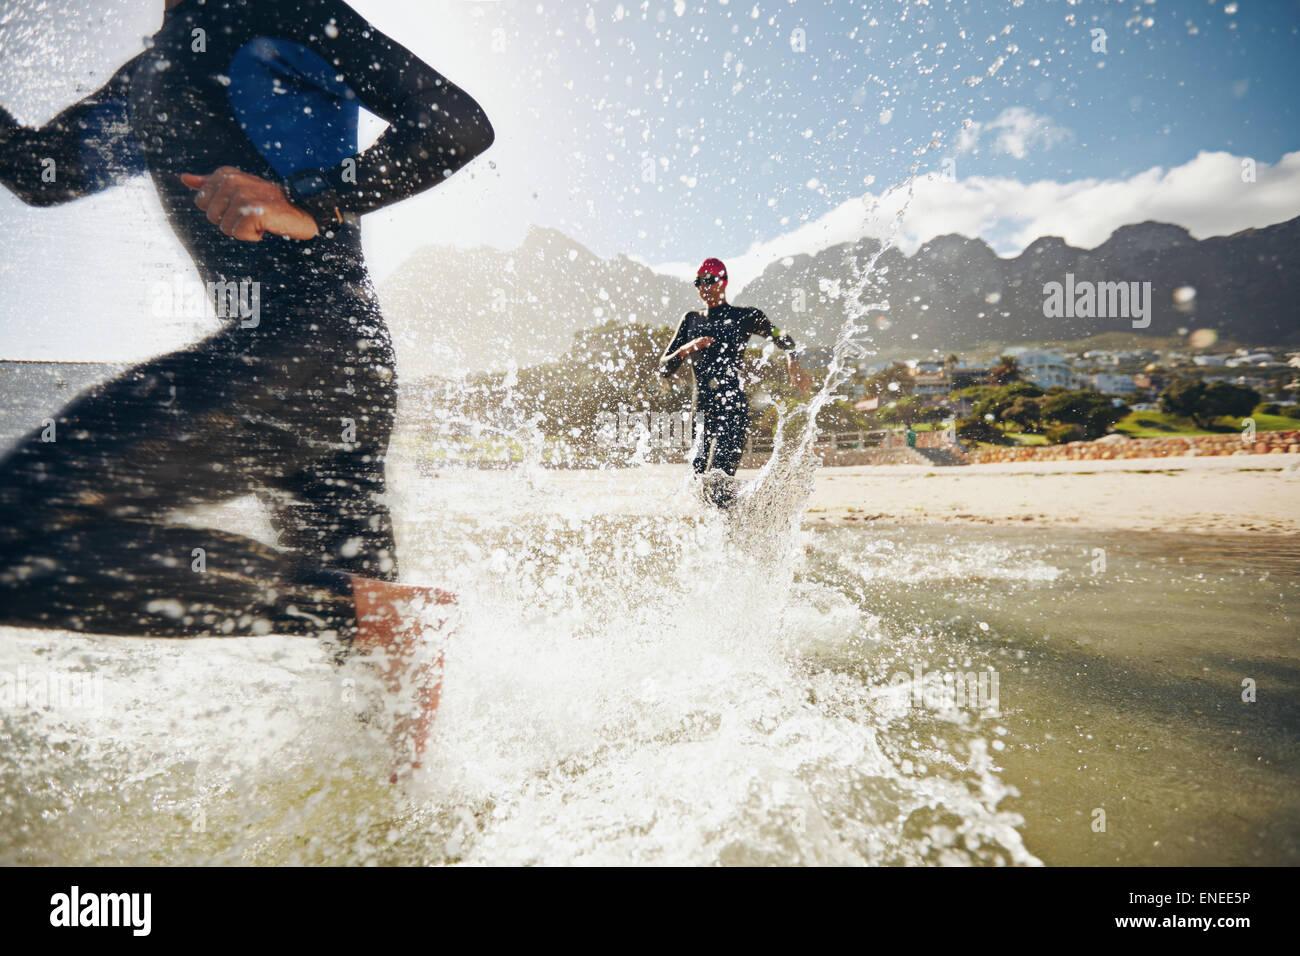 Imagen de triatletas corriendo en el agua. Atleta corriendo en el agua, entrenamiento para un triatlón. Foto de stock